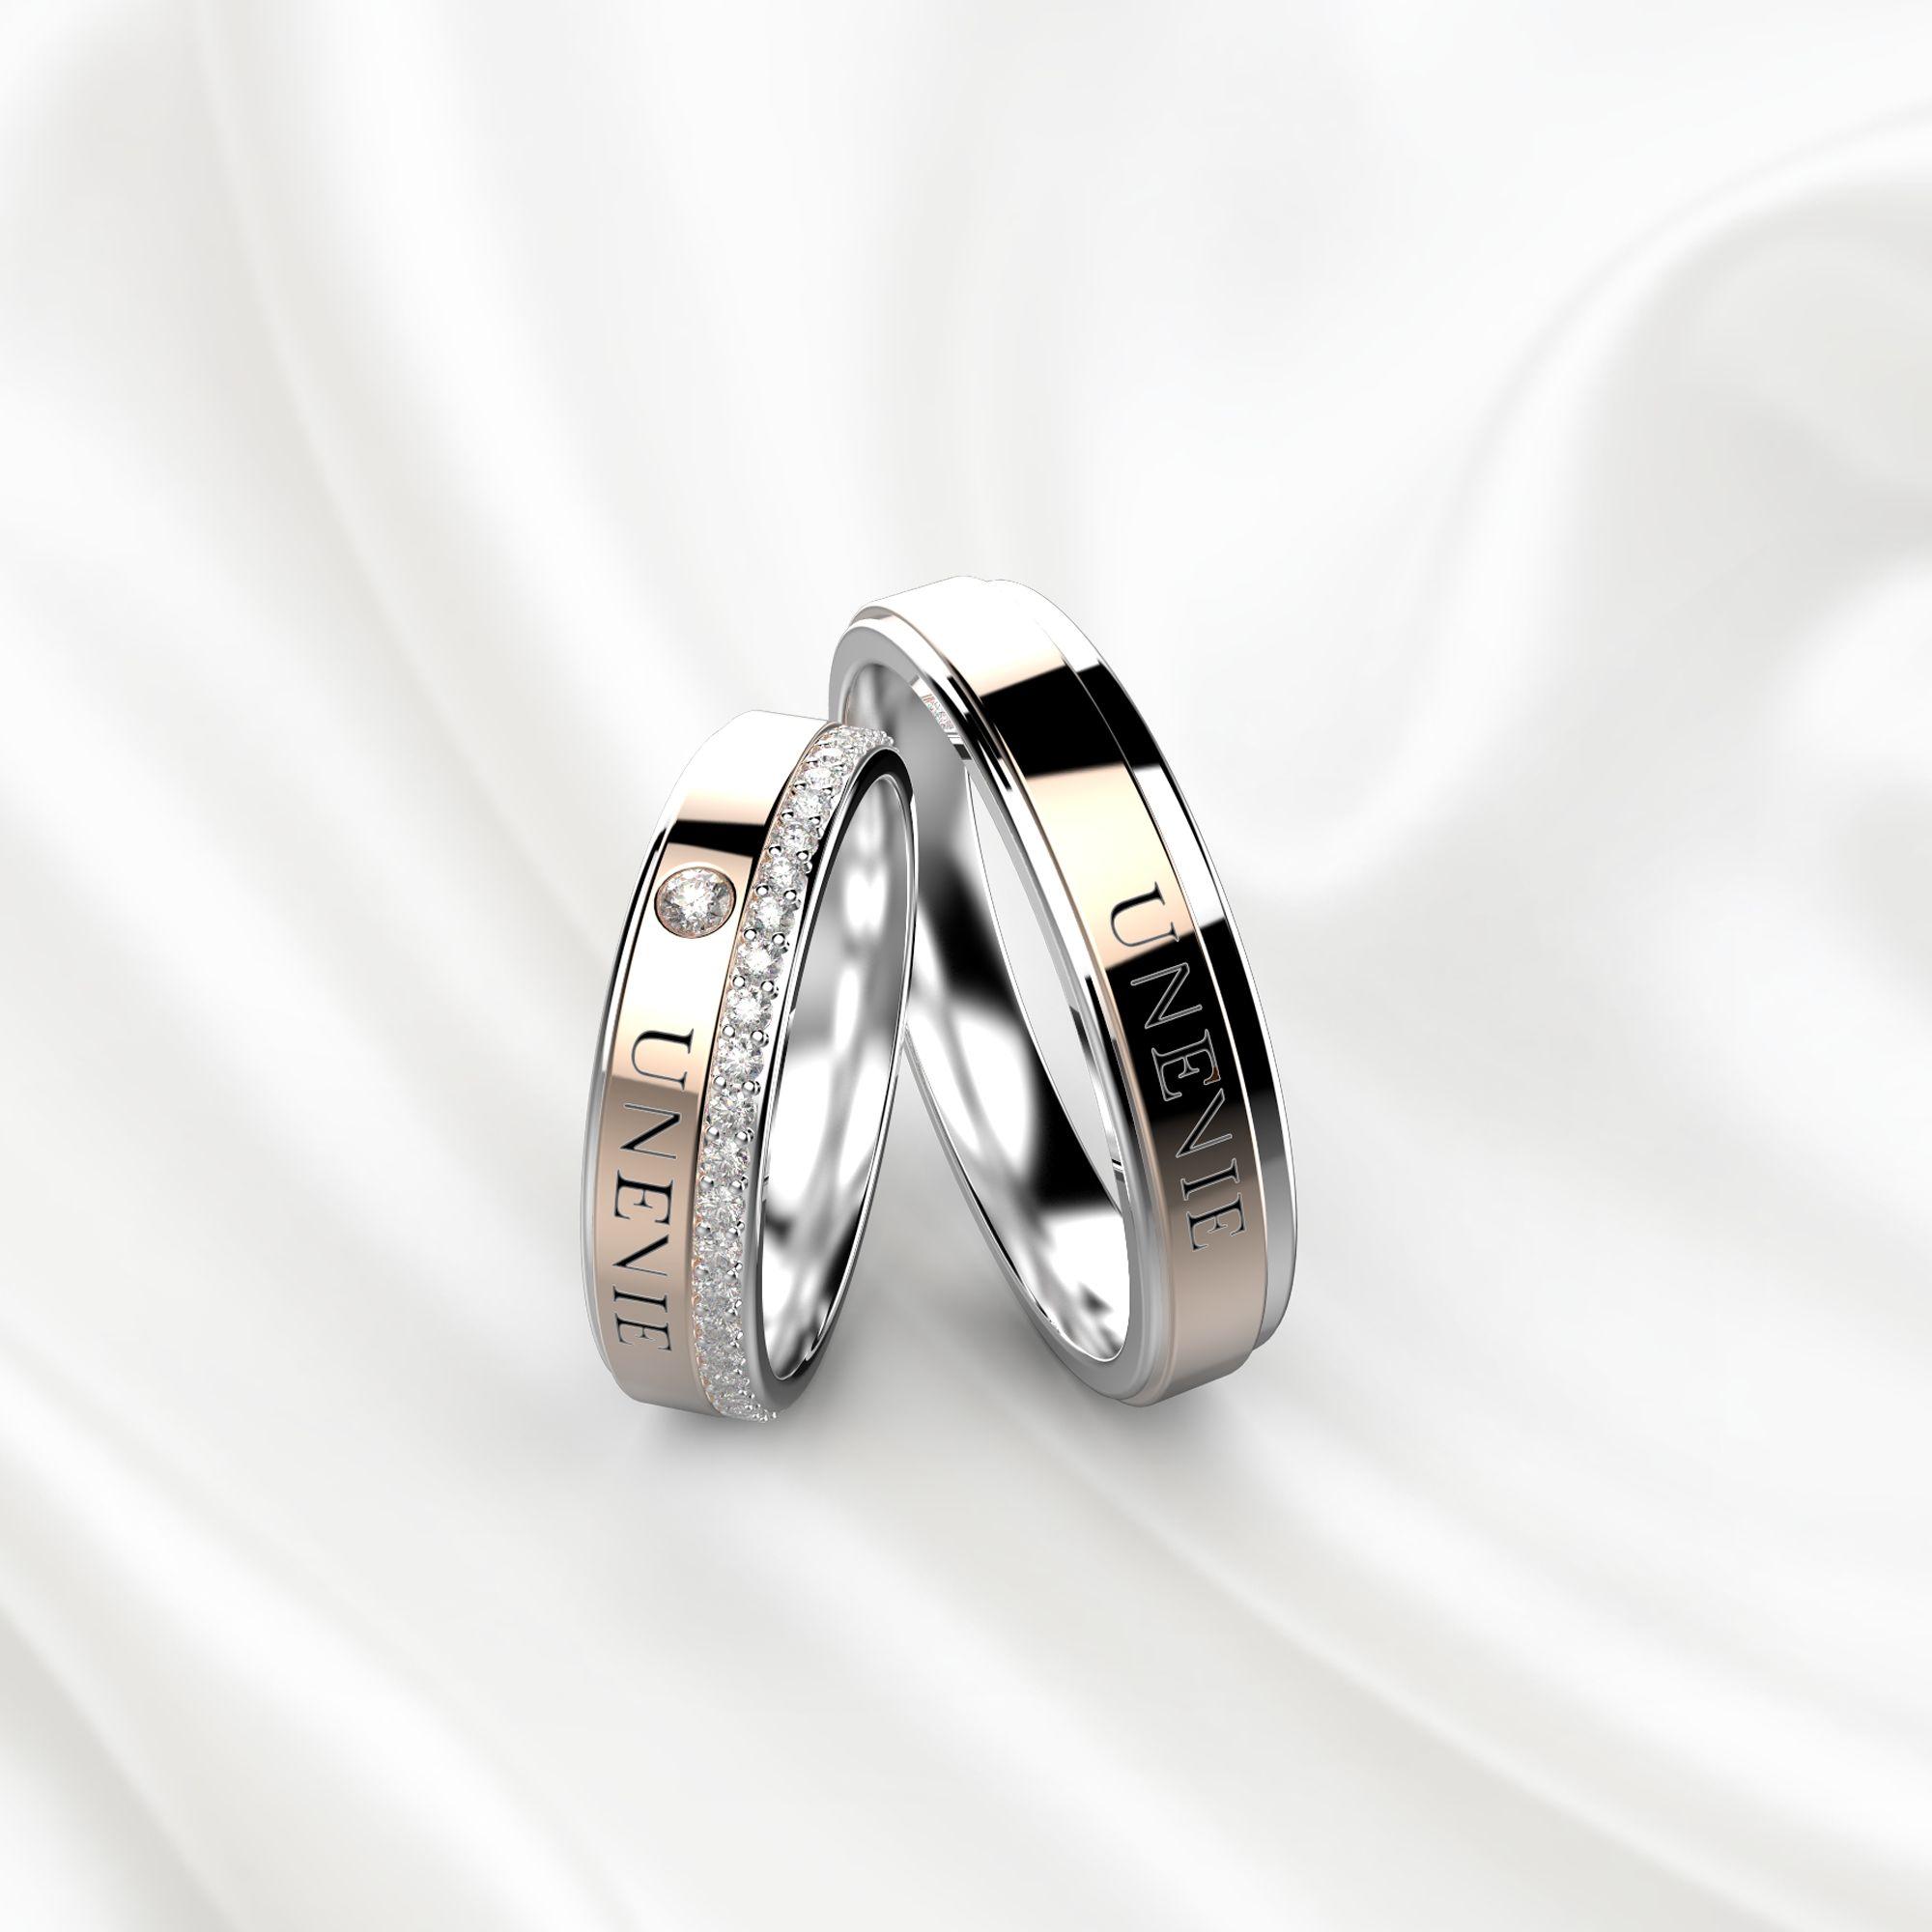 NV16 Обручальные кольца из розово-белого золота